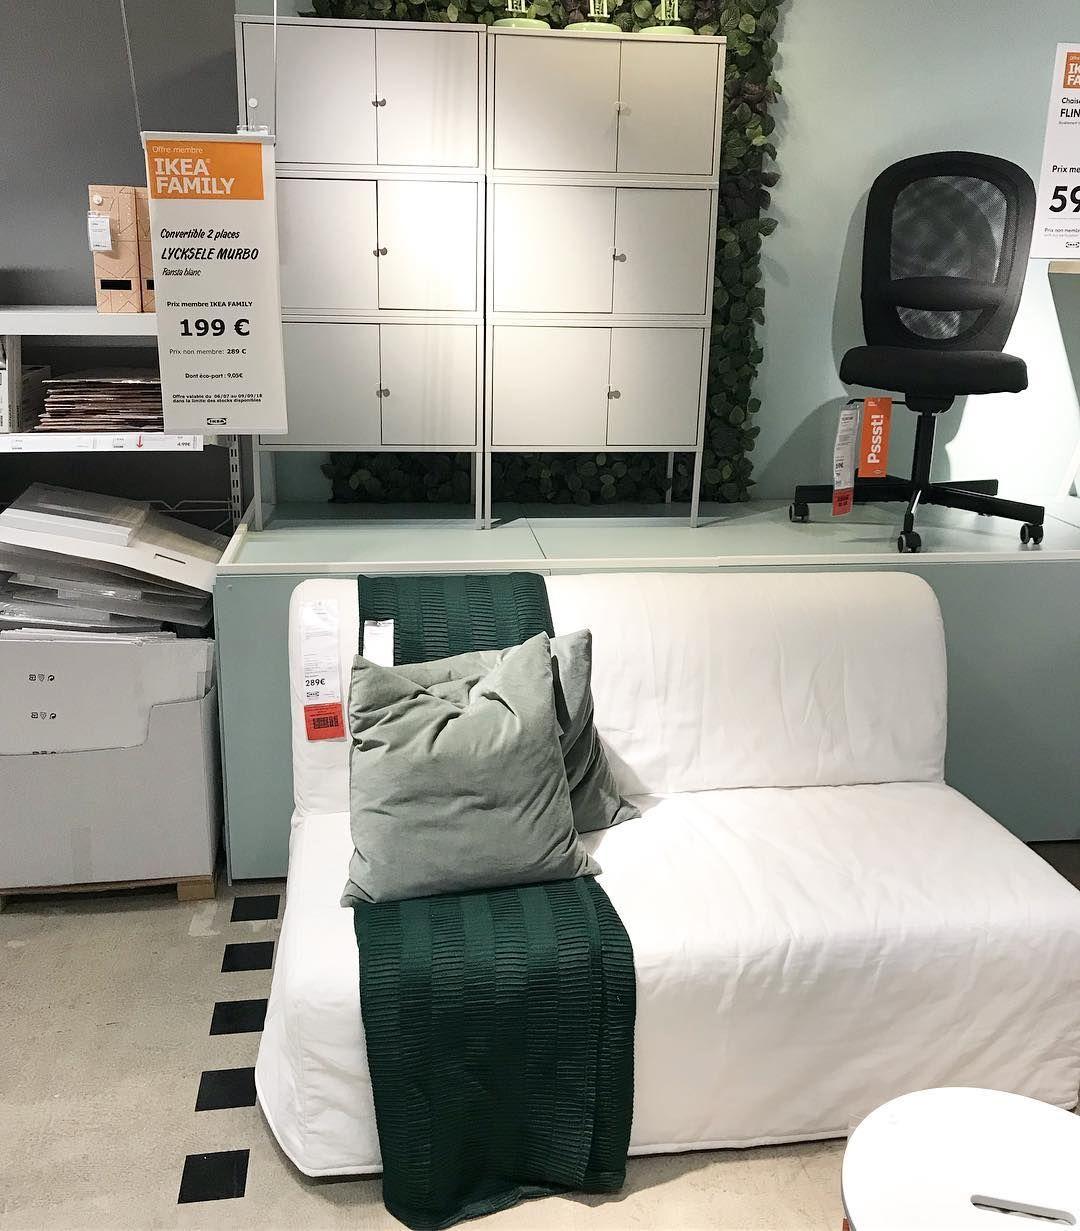 Super Offre A Ne Pas Manquer Dans Votre Magasin Ikea Strasbourg Le Canape Convertible Lycksele A 199 Au Lieu De 289 Avec Votre Cart Lycksele Sofa Bed Ikea